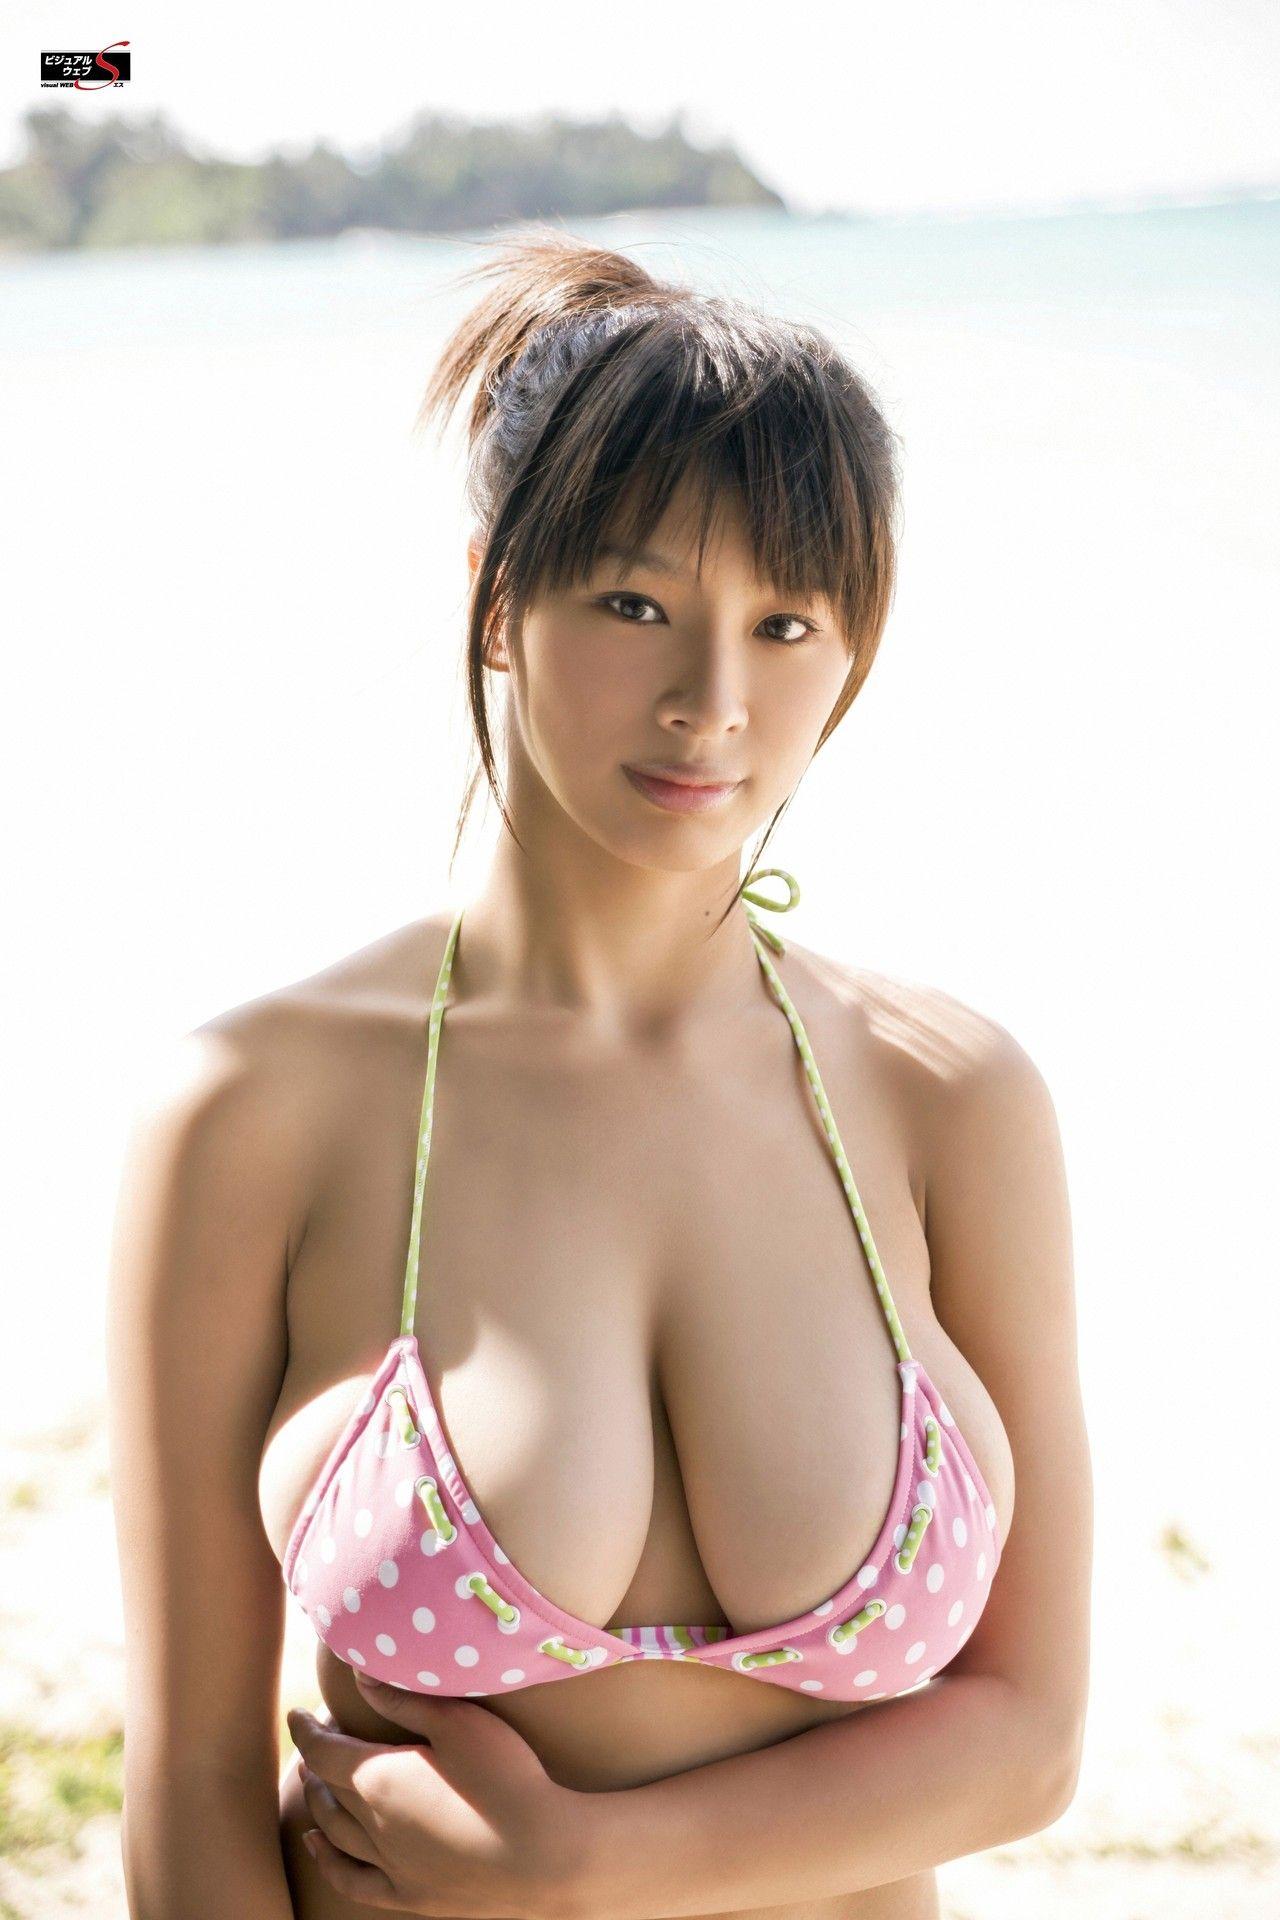 Big Tit Teen Asian haruna